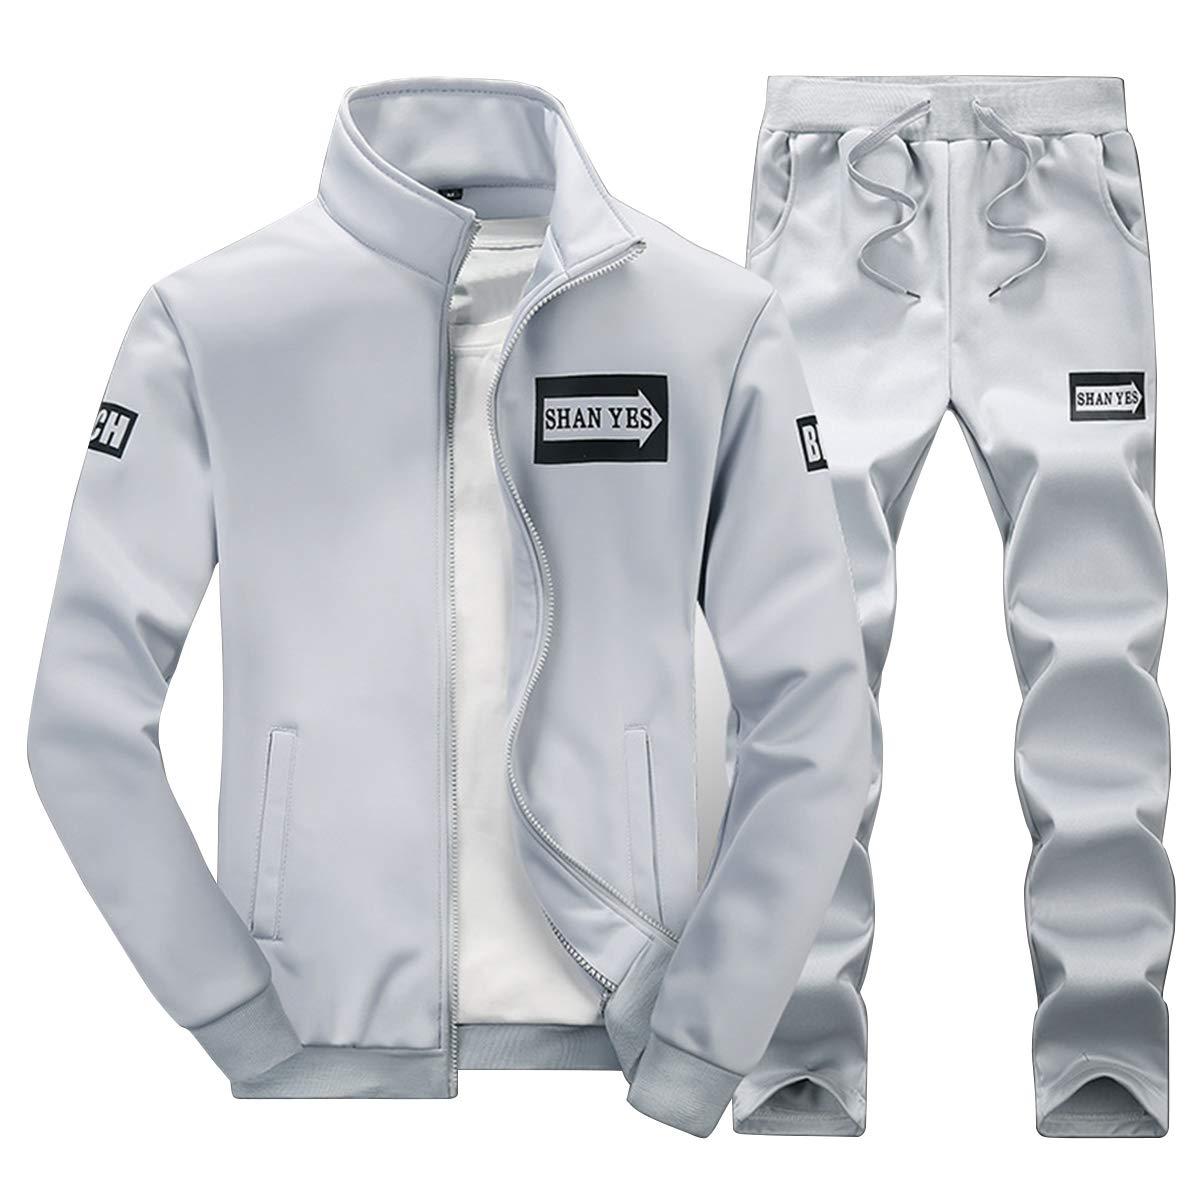 Cocrao Survêtement Homme 2 Pièces Ensemble à Manches Longues Zippé Garçon Jogging Sport Décontracté Veste+Pantalon Blanc et Noir Imprimé